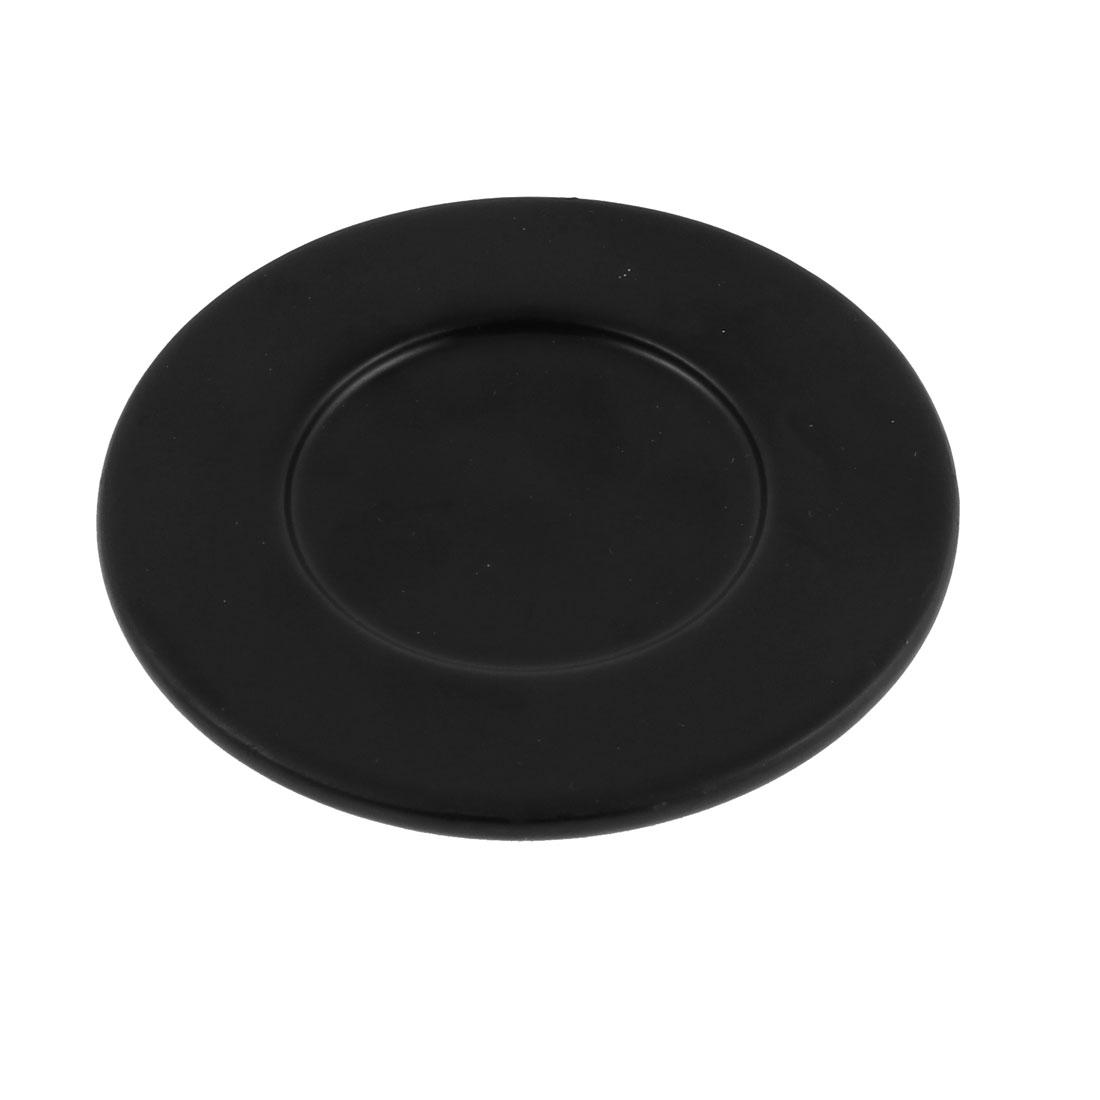 """Plastic Round Heat Resistant Cup Mat Coaster Pad 4"""" Dia Black"""